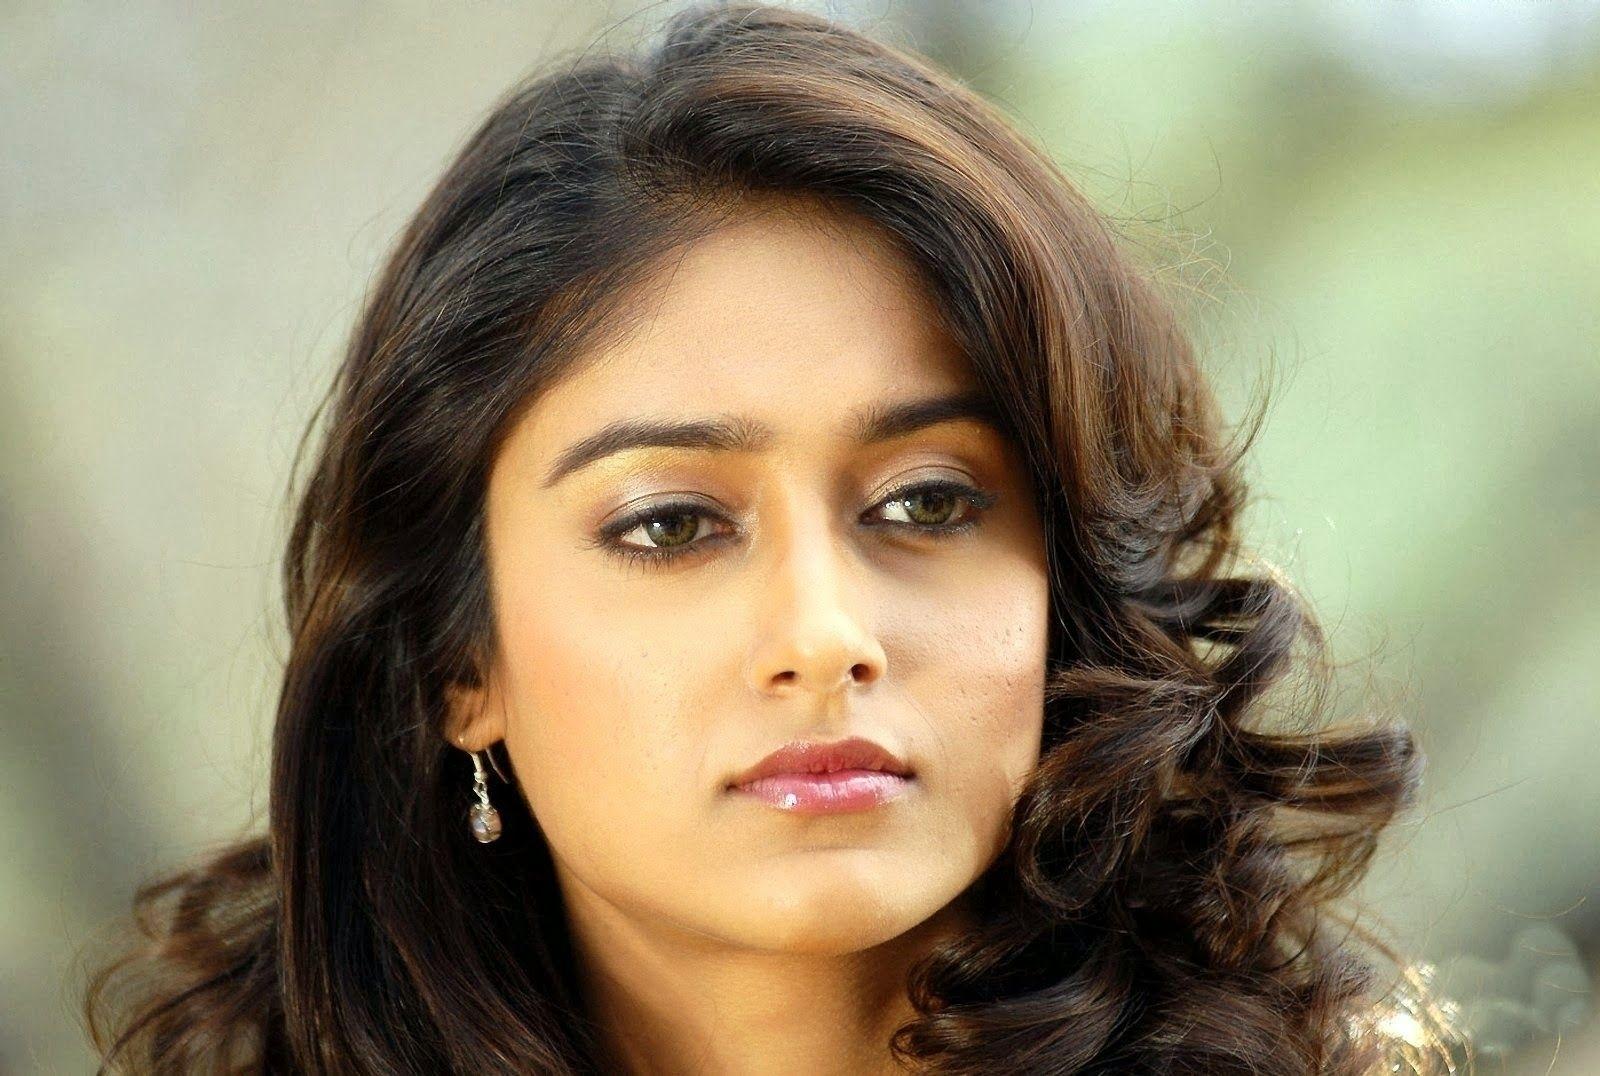 indian actress without makeup 2012 - wavy haircut